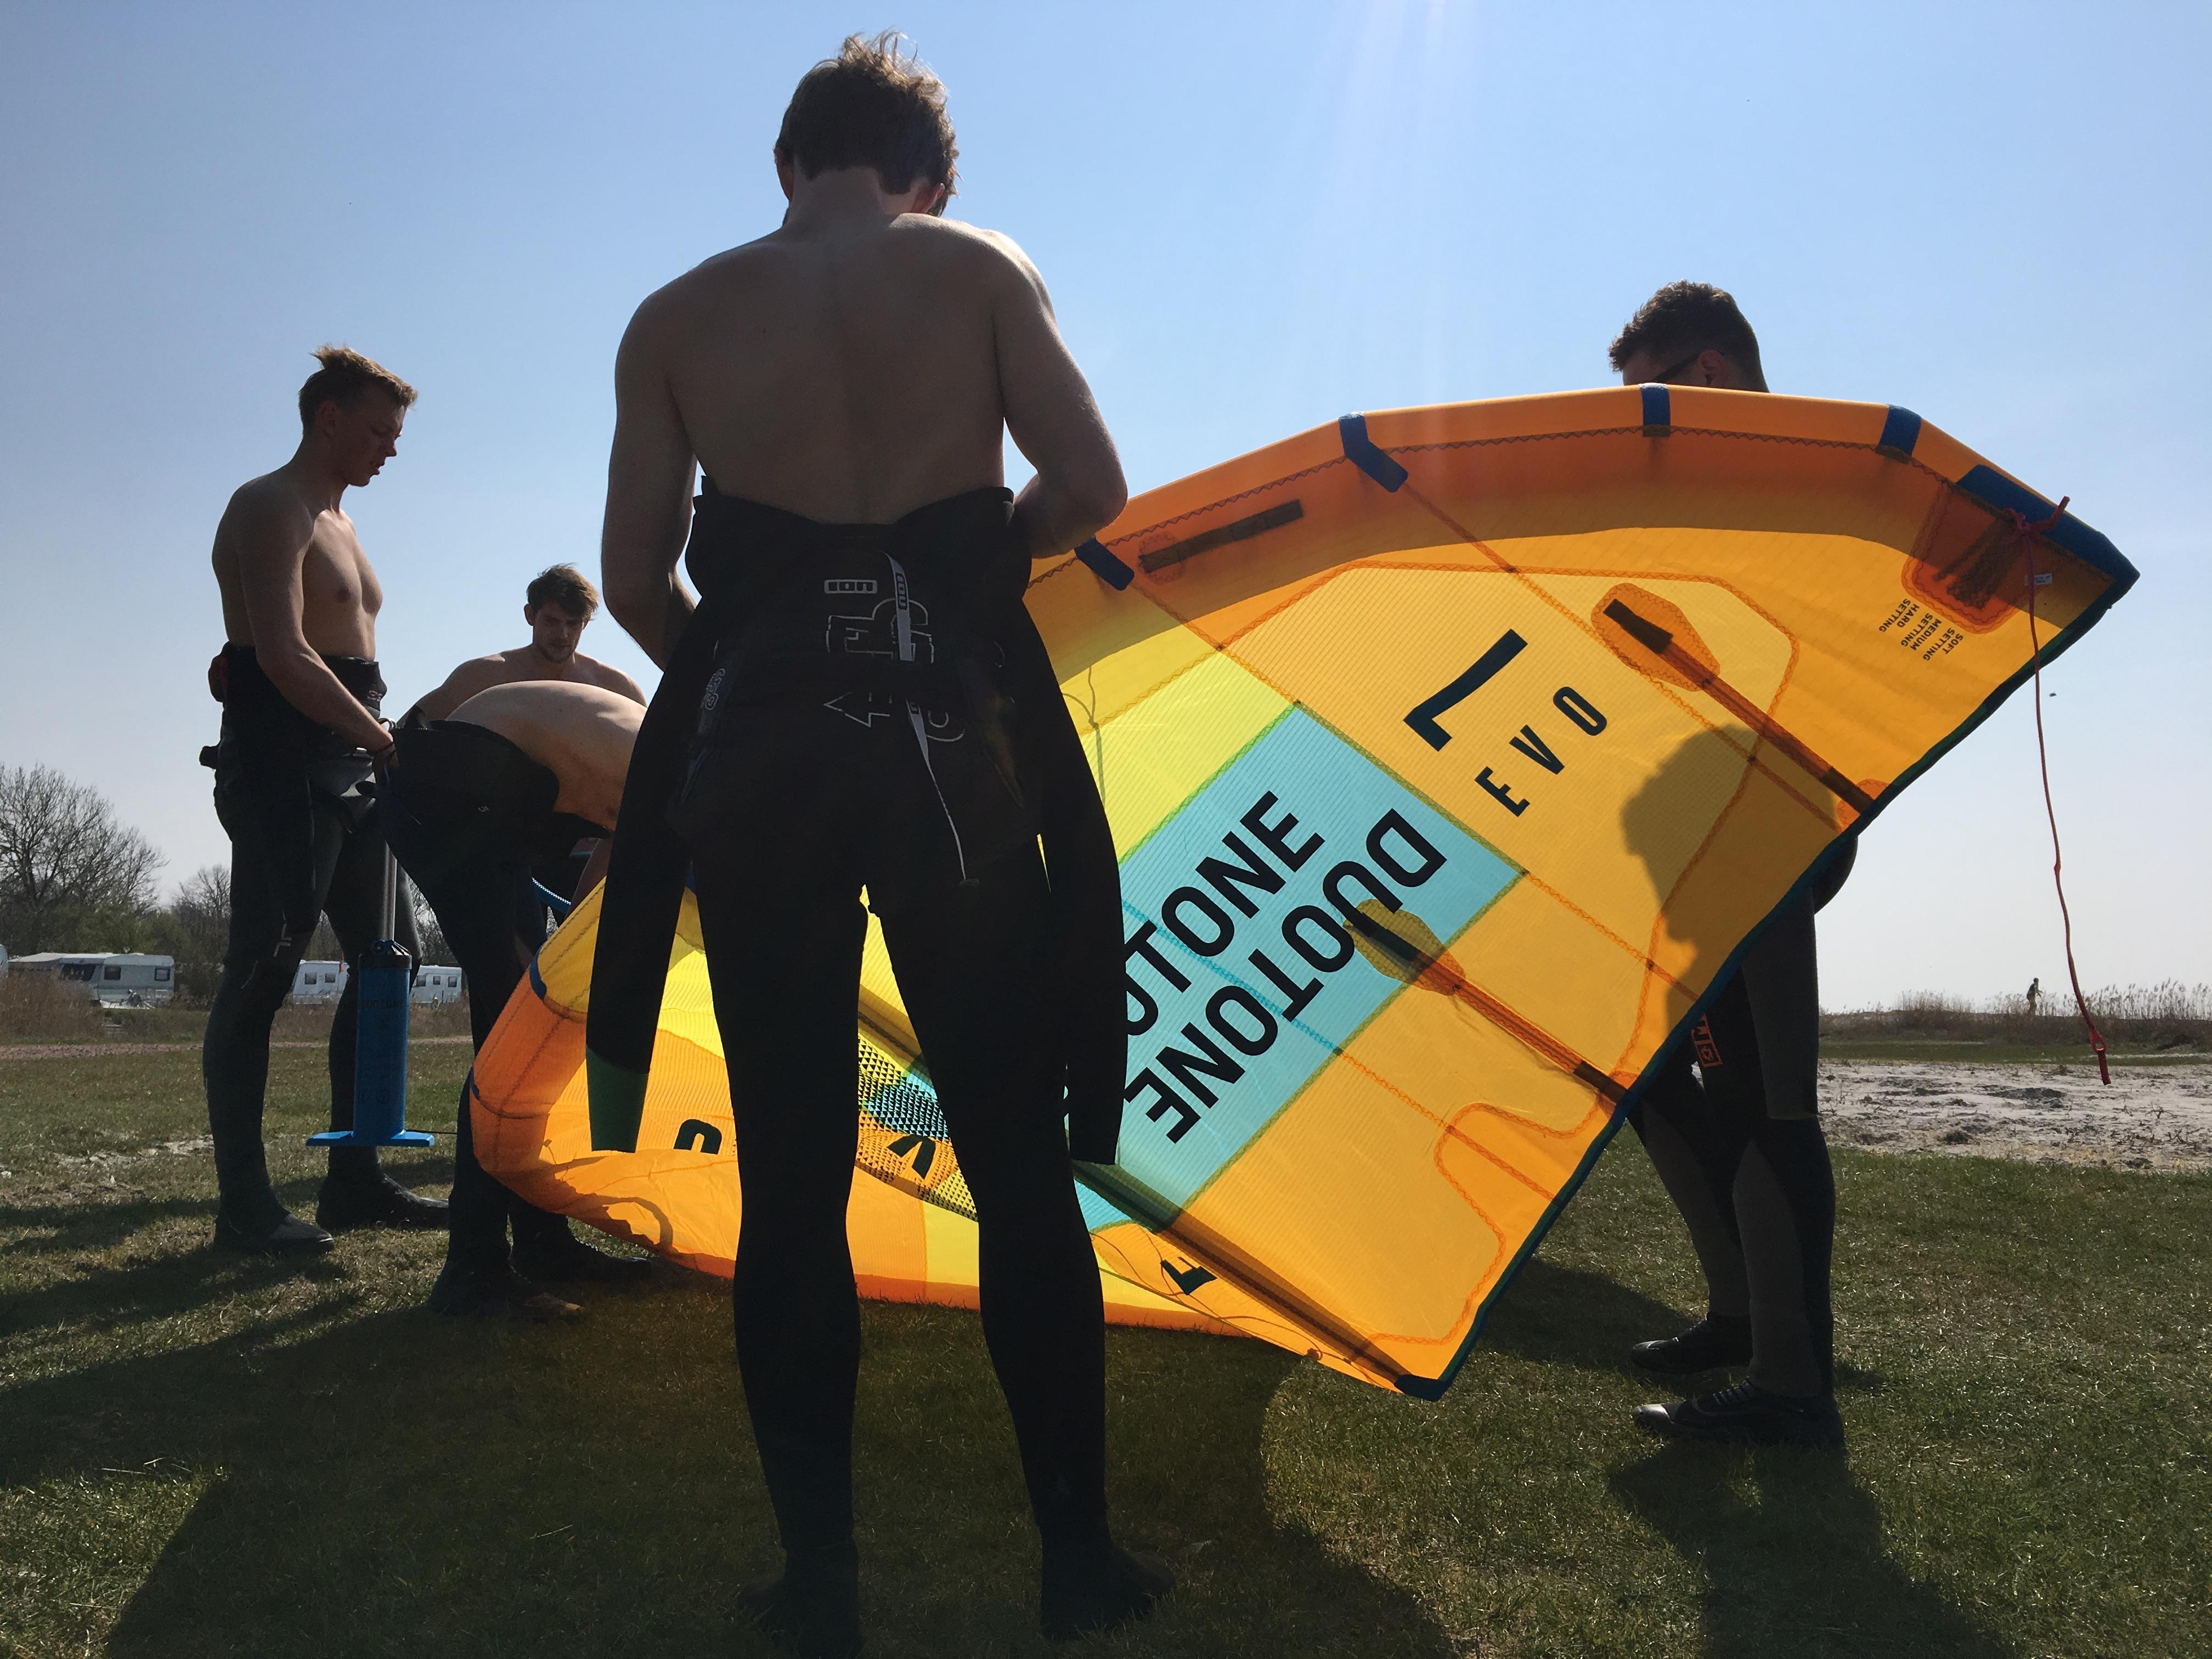 optuigen kitesurf set tijdens een kitesurfles in Workum